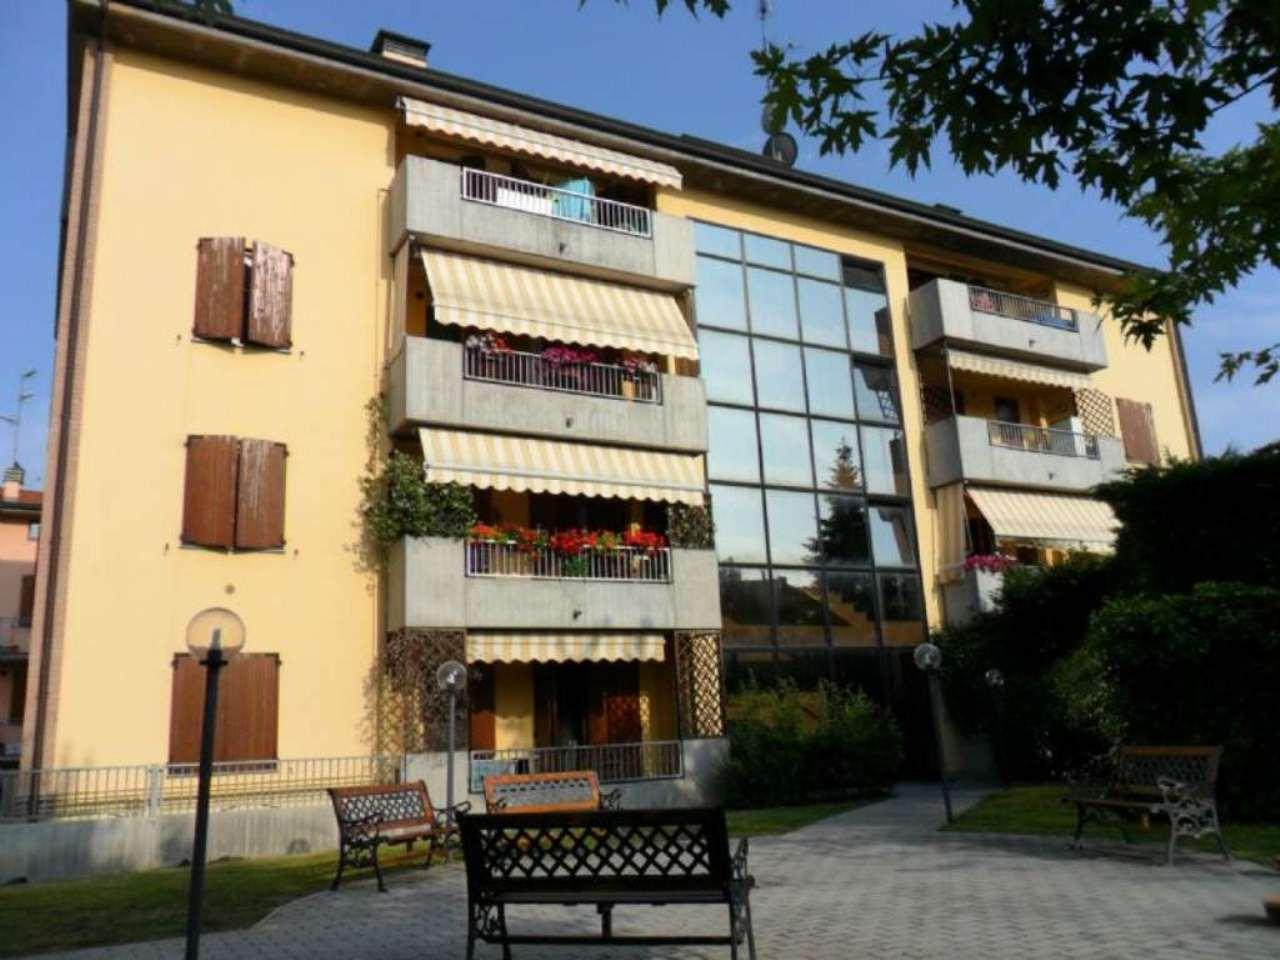 Appartamento in vendita a Fontevivo, 2 locali, prezzo € 90.000 | Cambio Casa.it